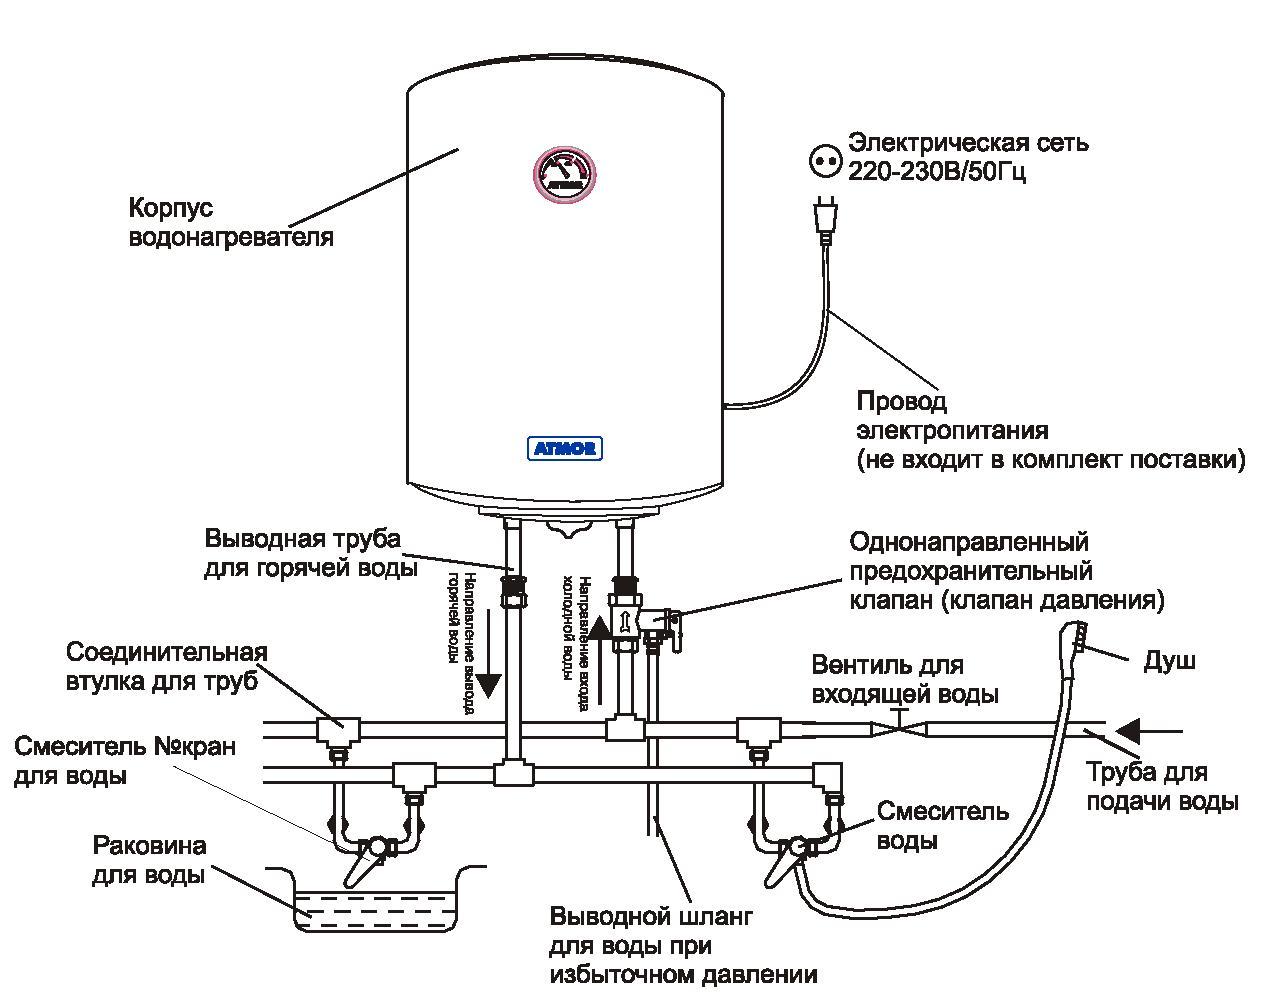 Клапан клоп схема подключения